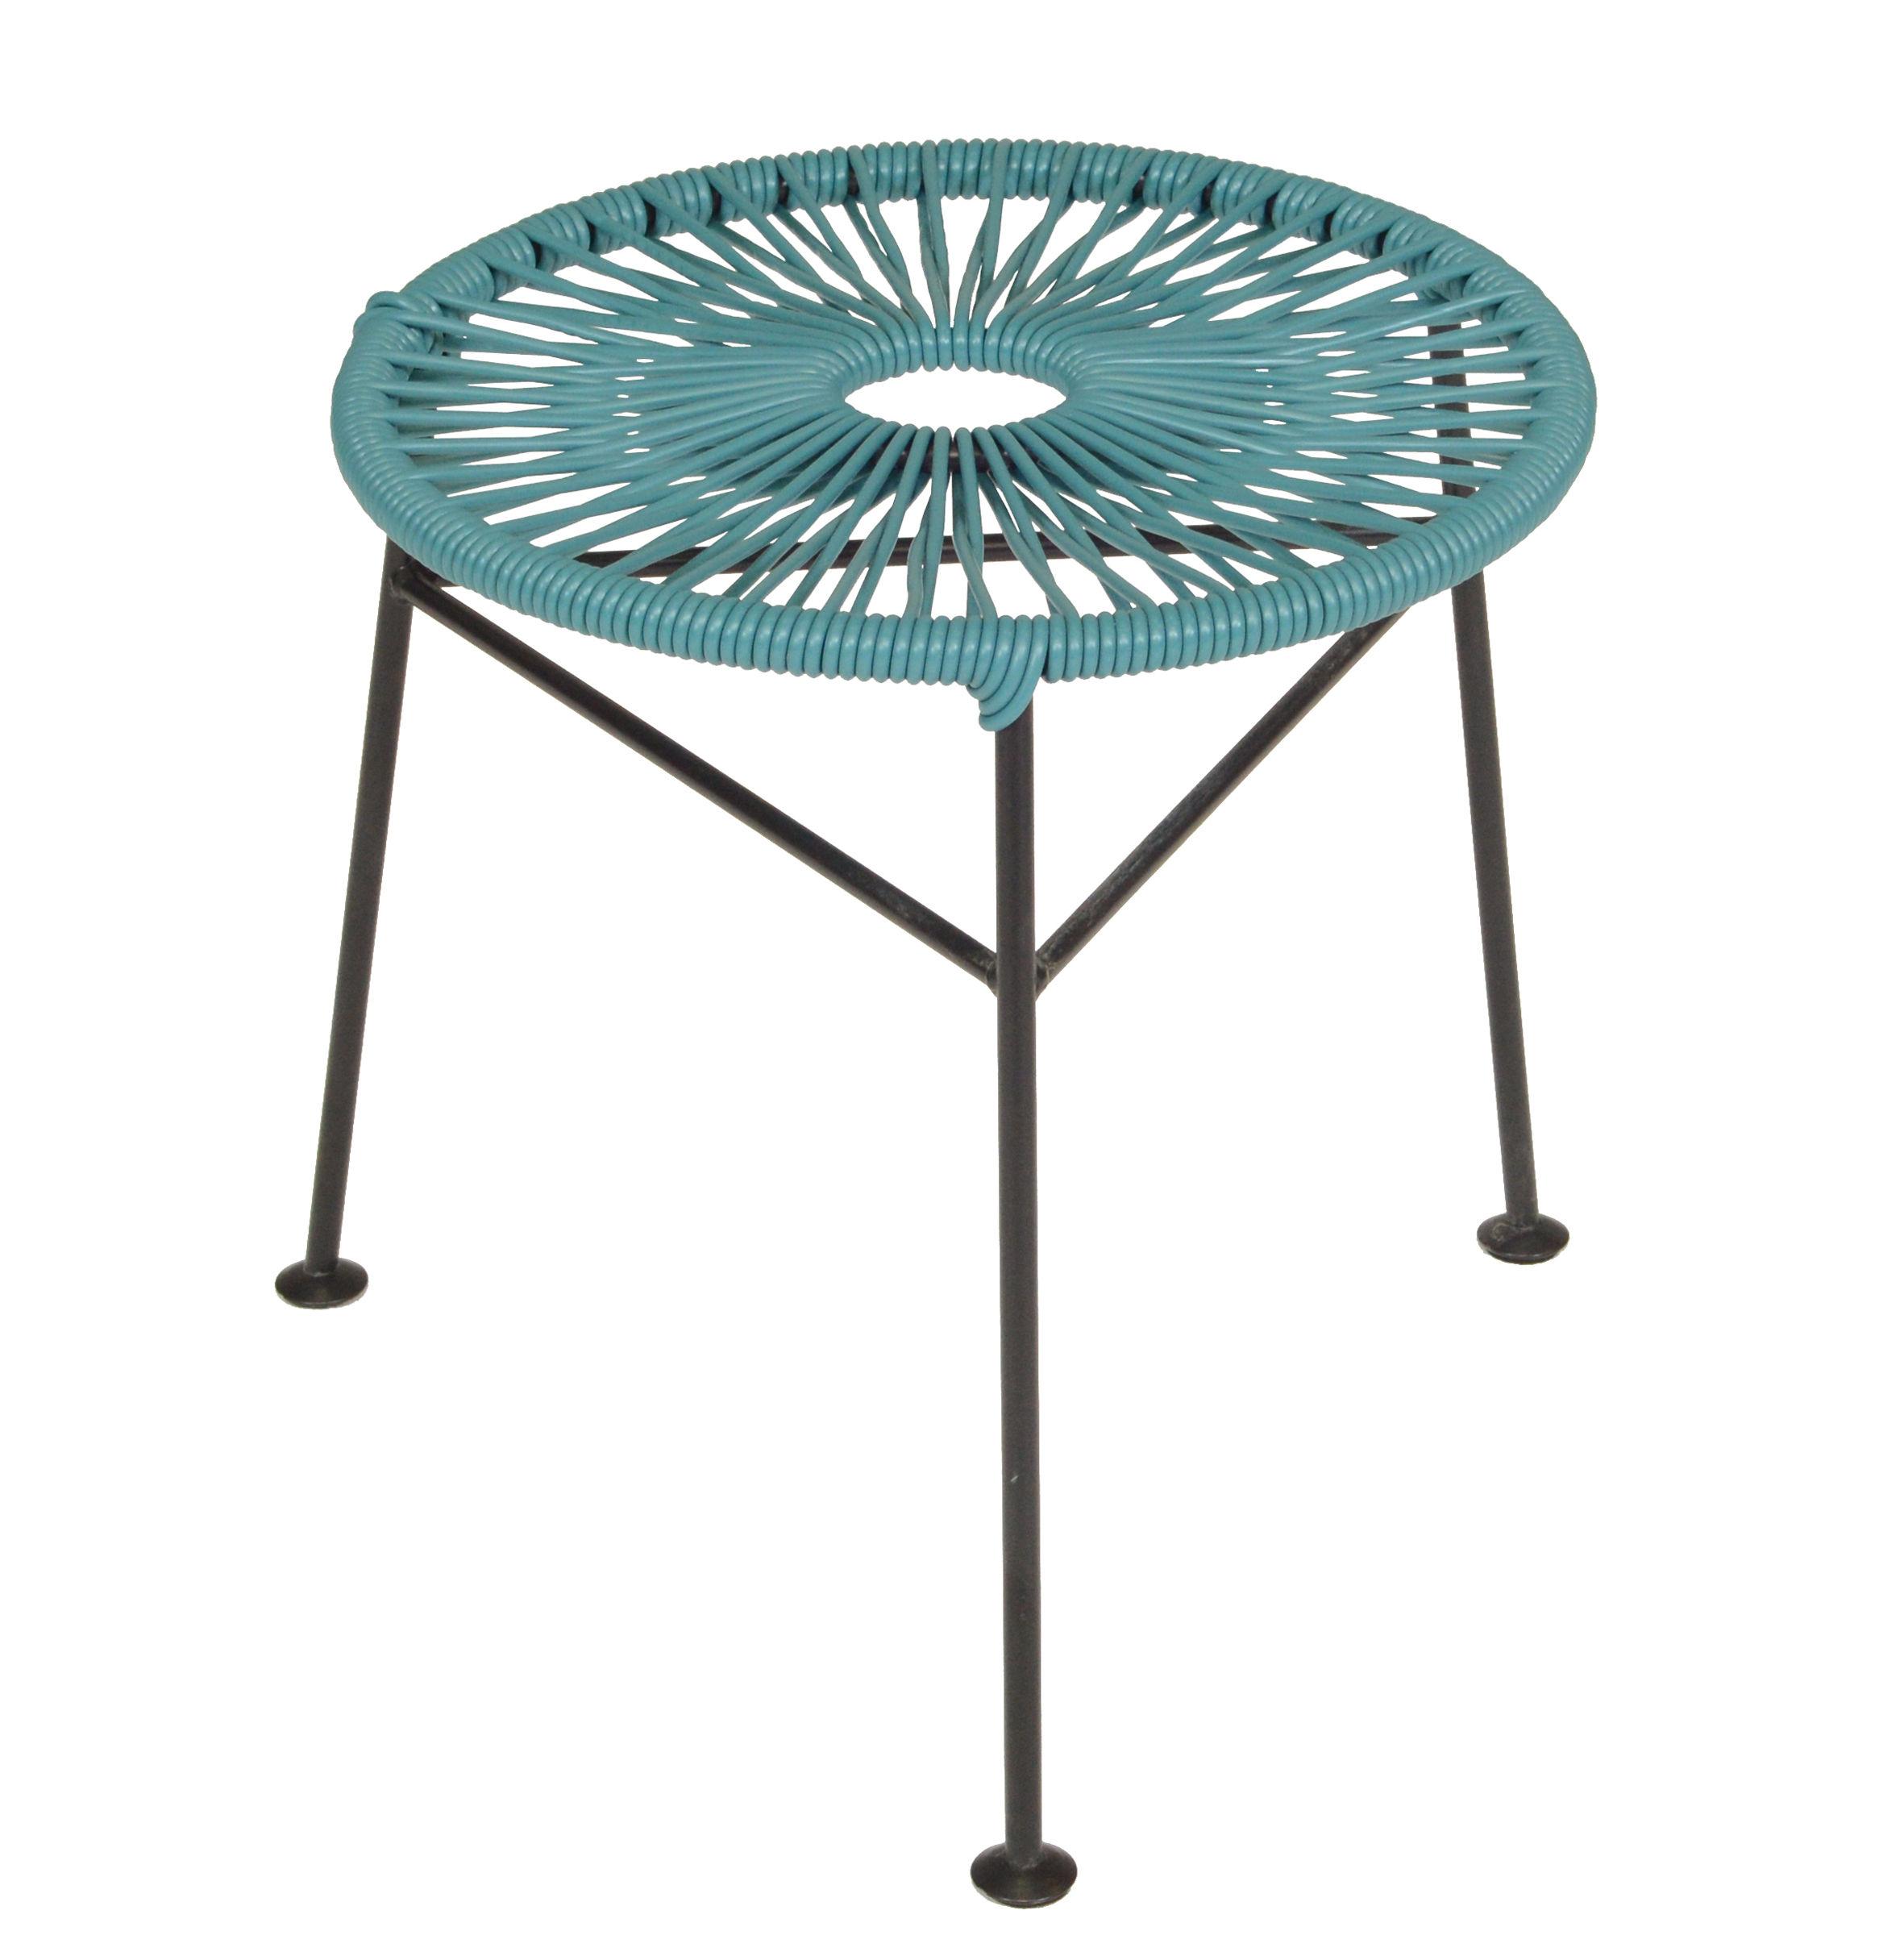 Arredamento - Sgabelli - Sgabello impilabile Centro - / Poggiapiedi di OK Design pour Sentou Edition - Blu petrolio - Acciaio laccato, Materiale plastico